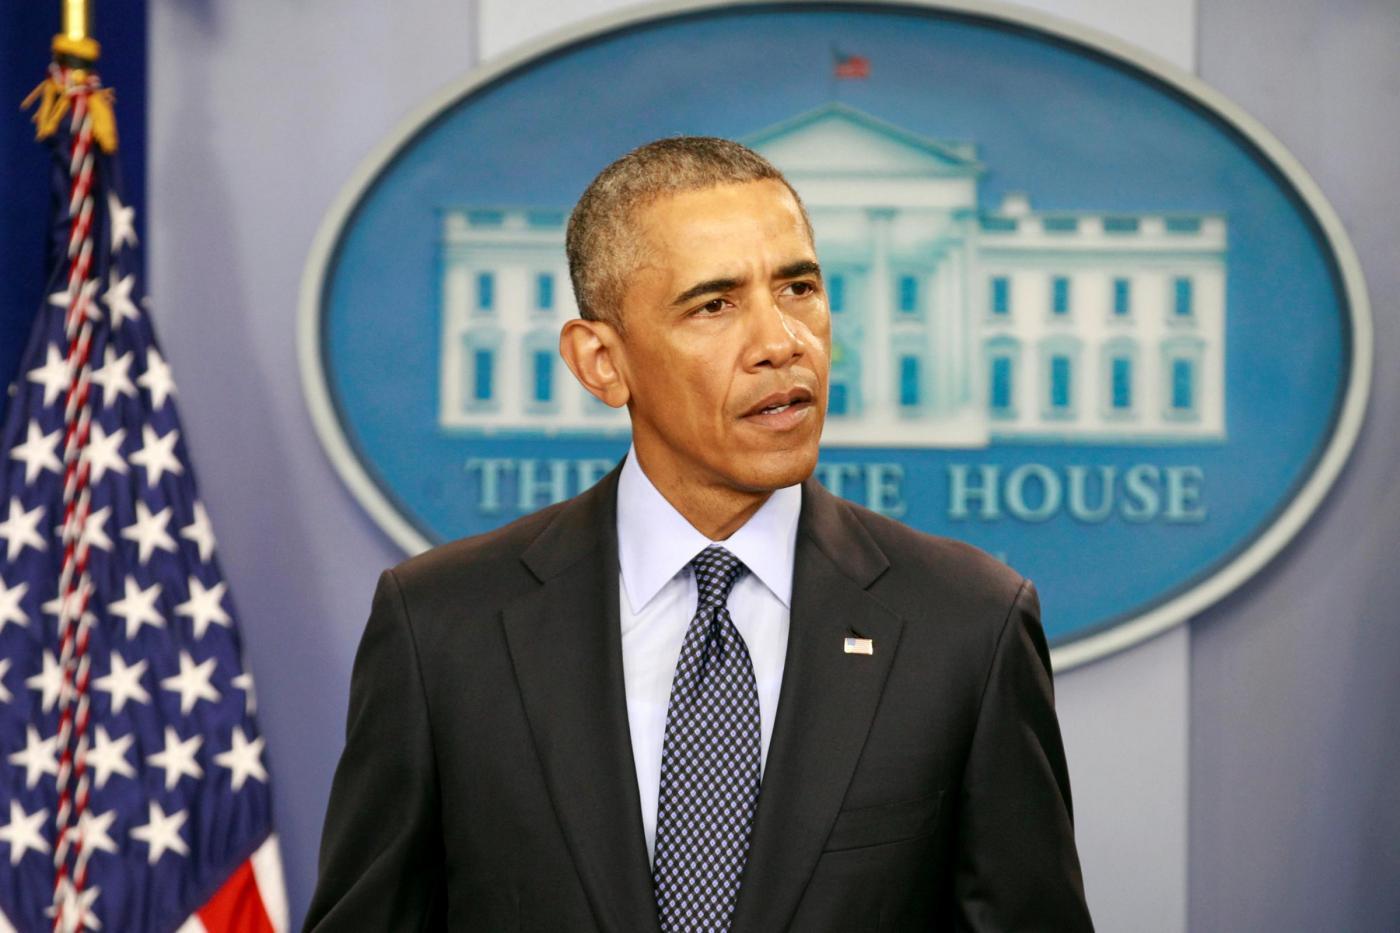 Strage Orlando, Il presidente degli Stati Uniti in conferenza stampa